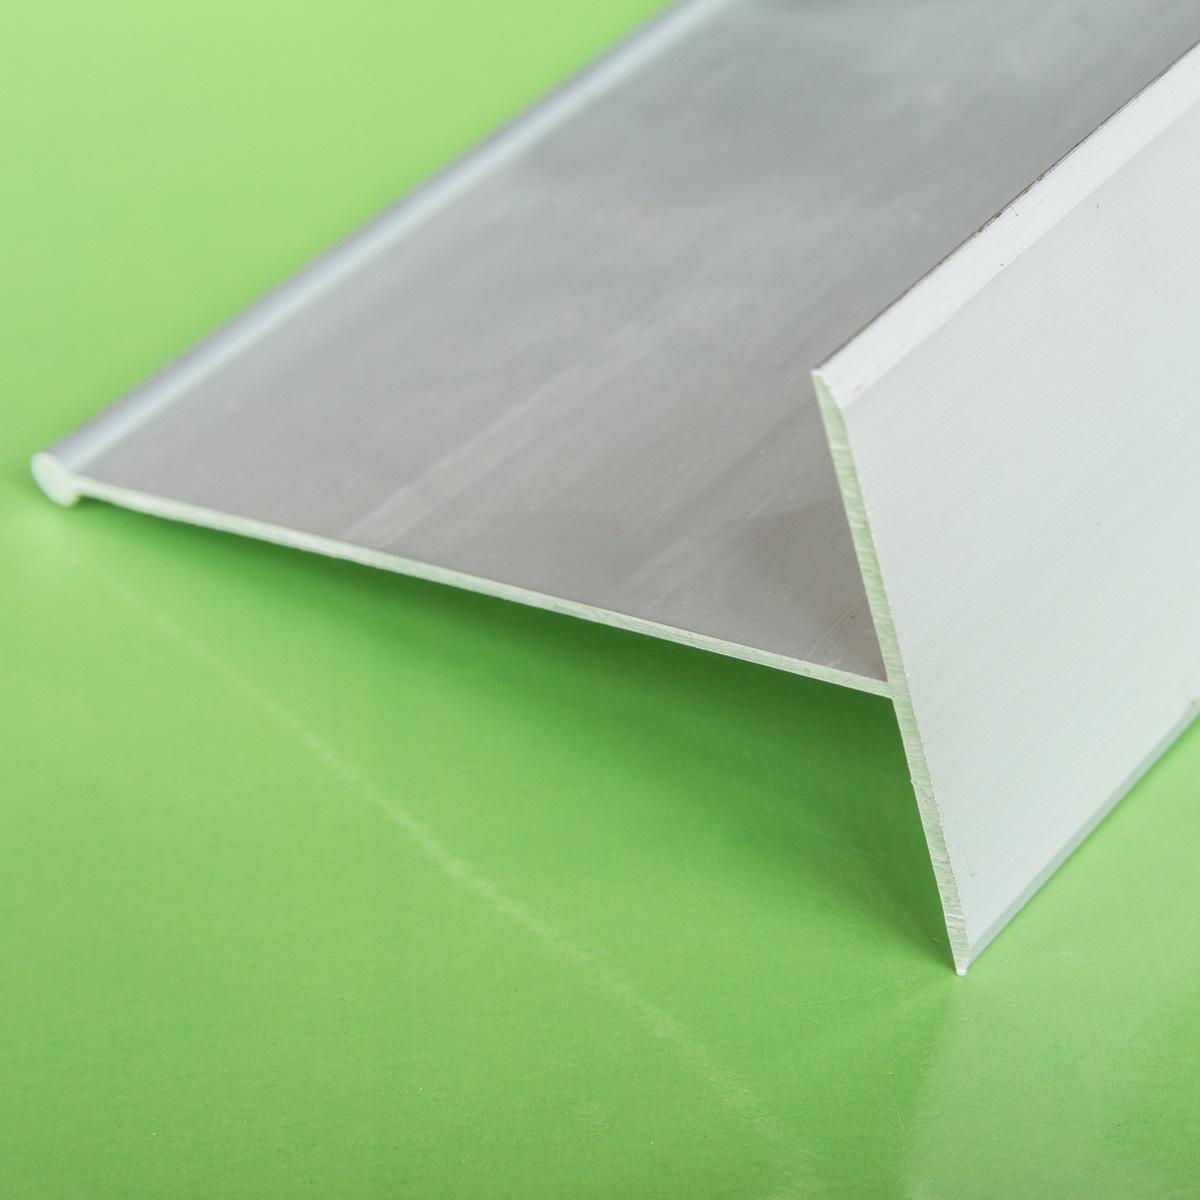 JQ NLSX Nhôm Phòng sạch hợp kim nhôm nhà máy trần trực tiếp keel nhôm hồ sơ 8550T từ nhôm màu thép t